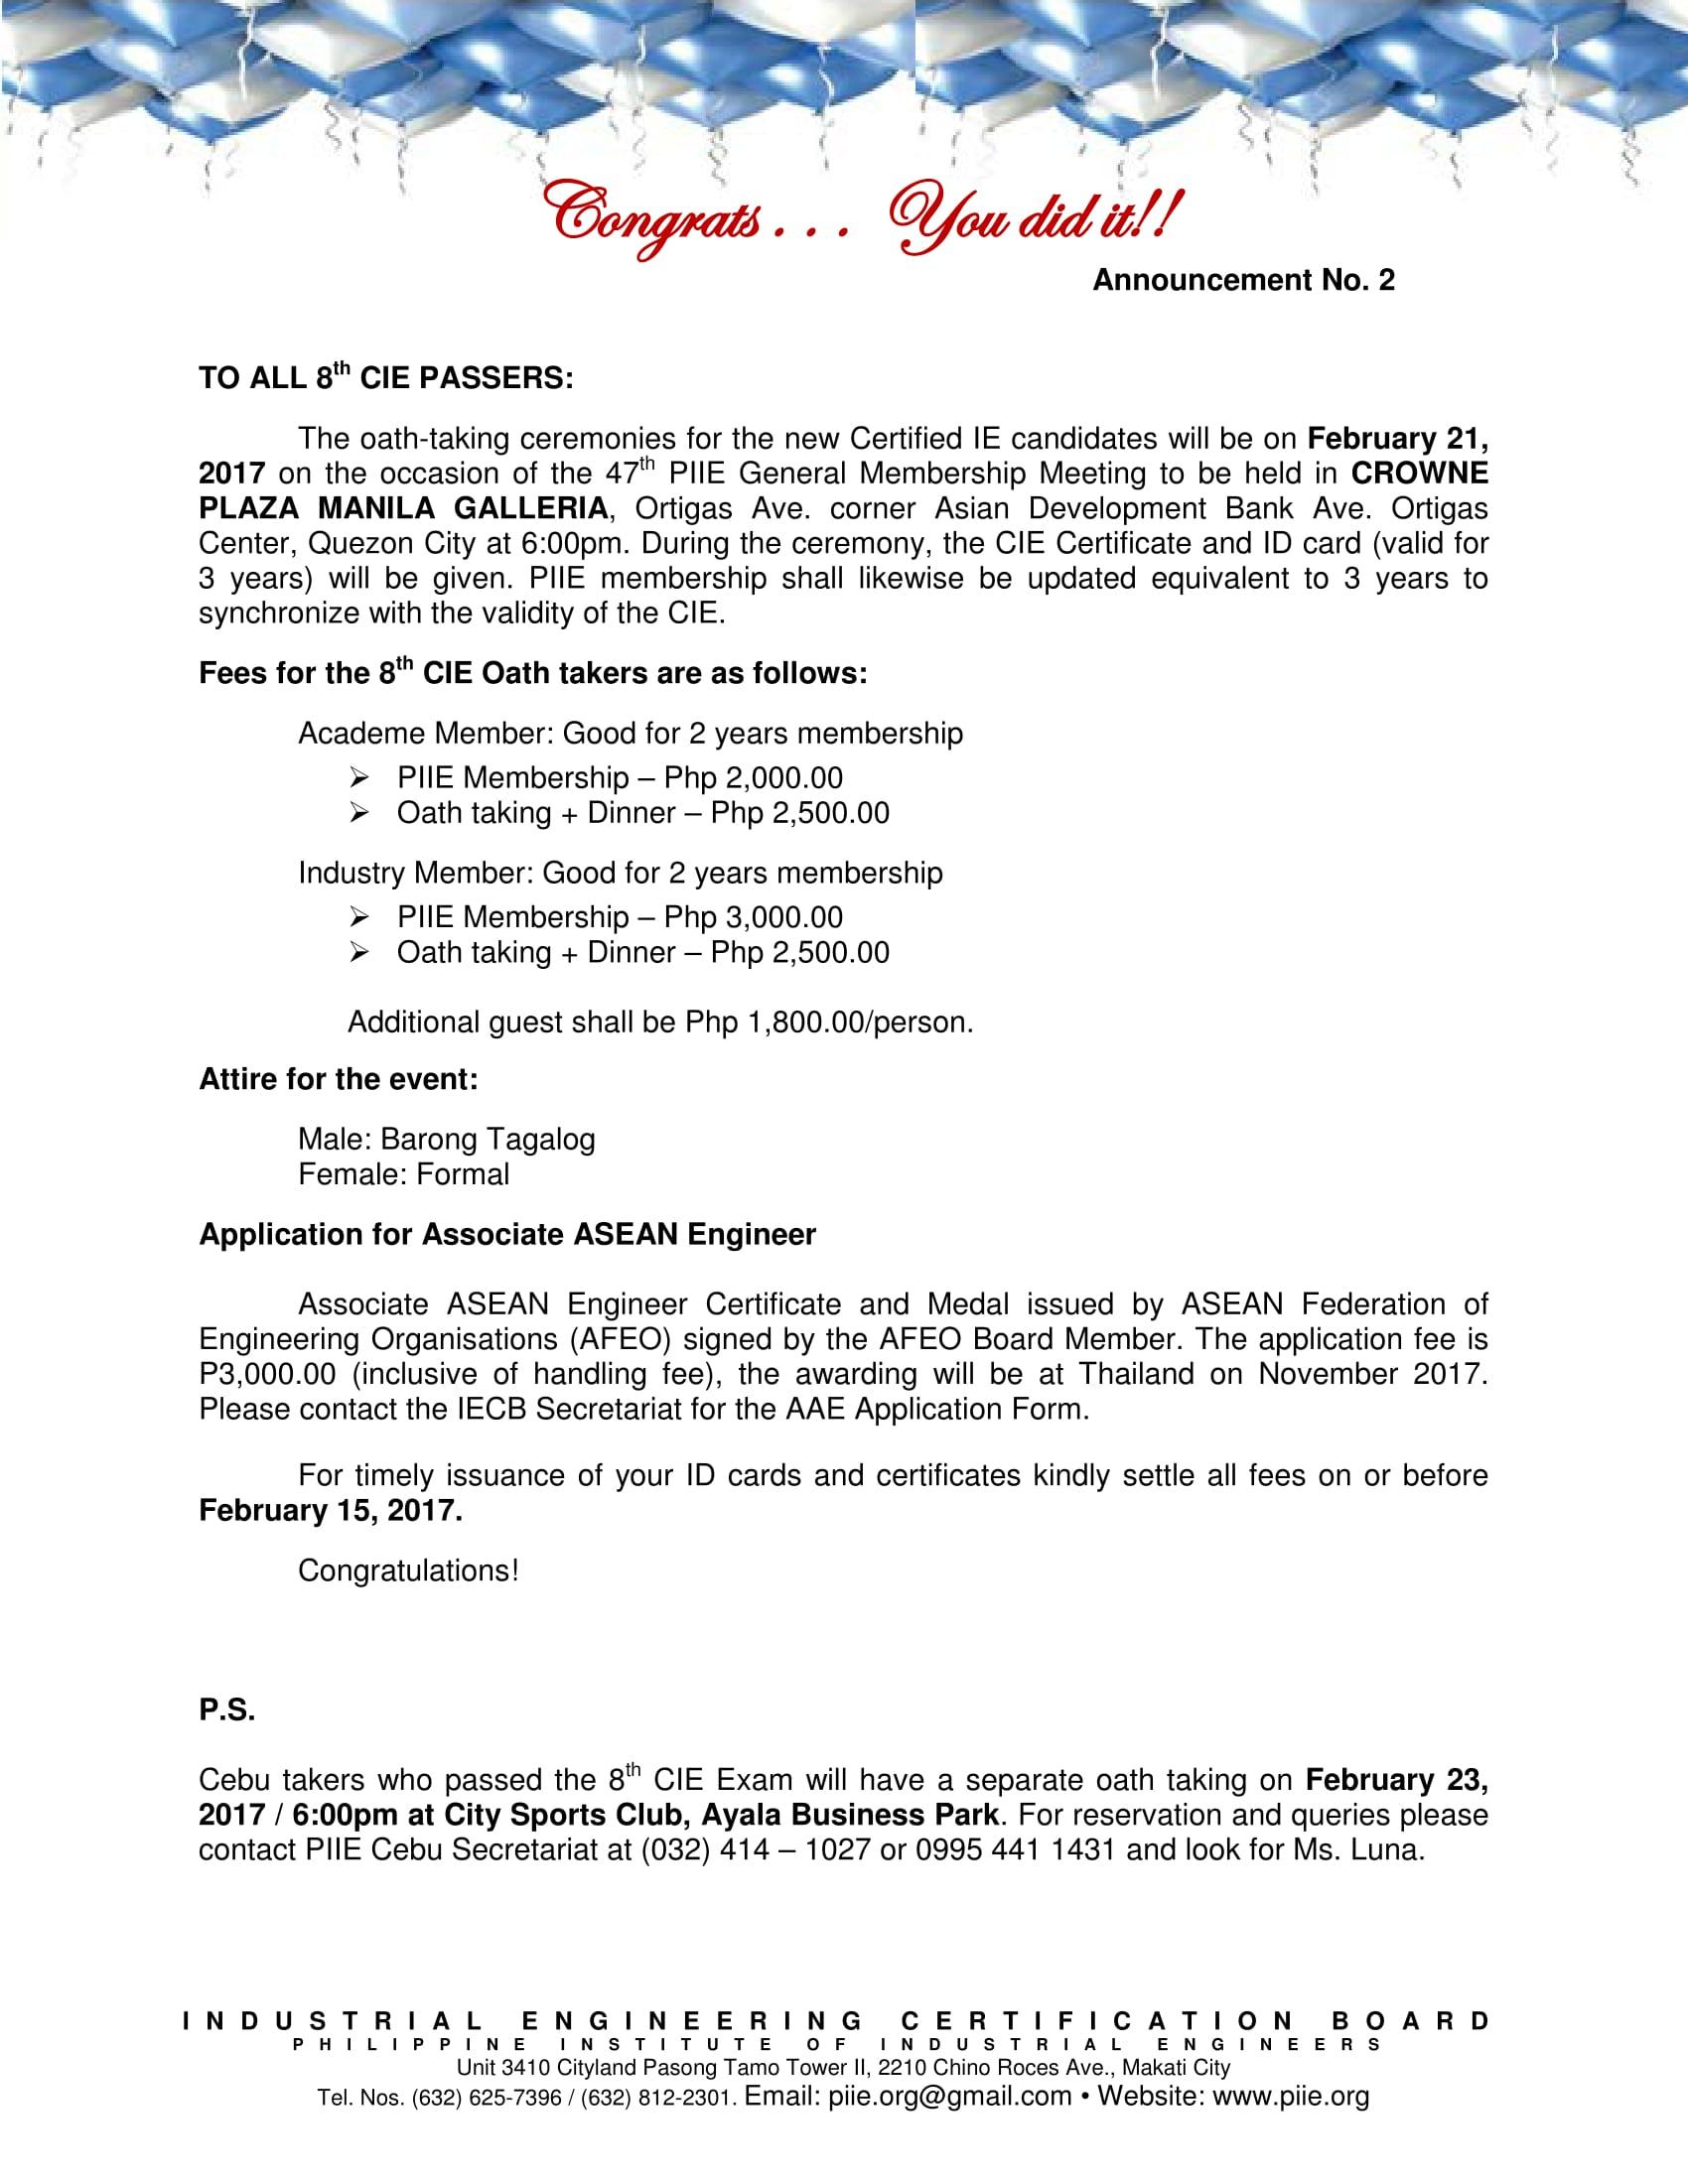 PIIE Certification Board ::